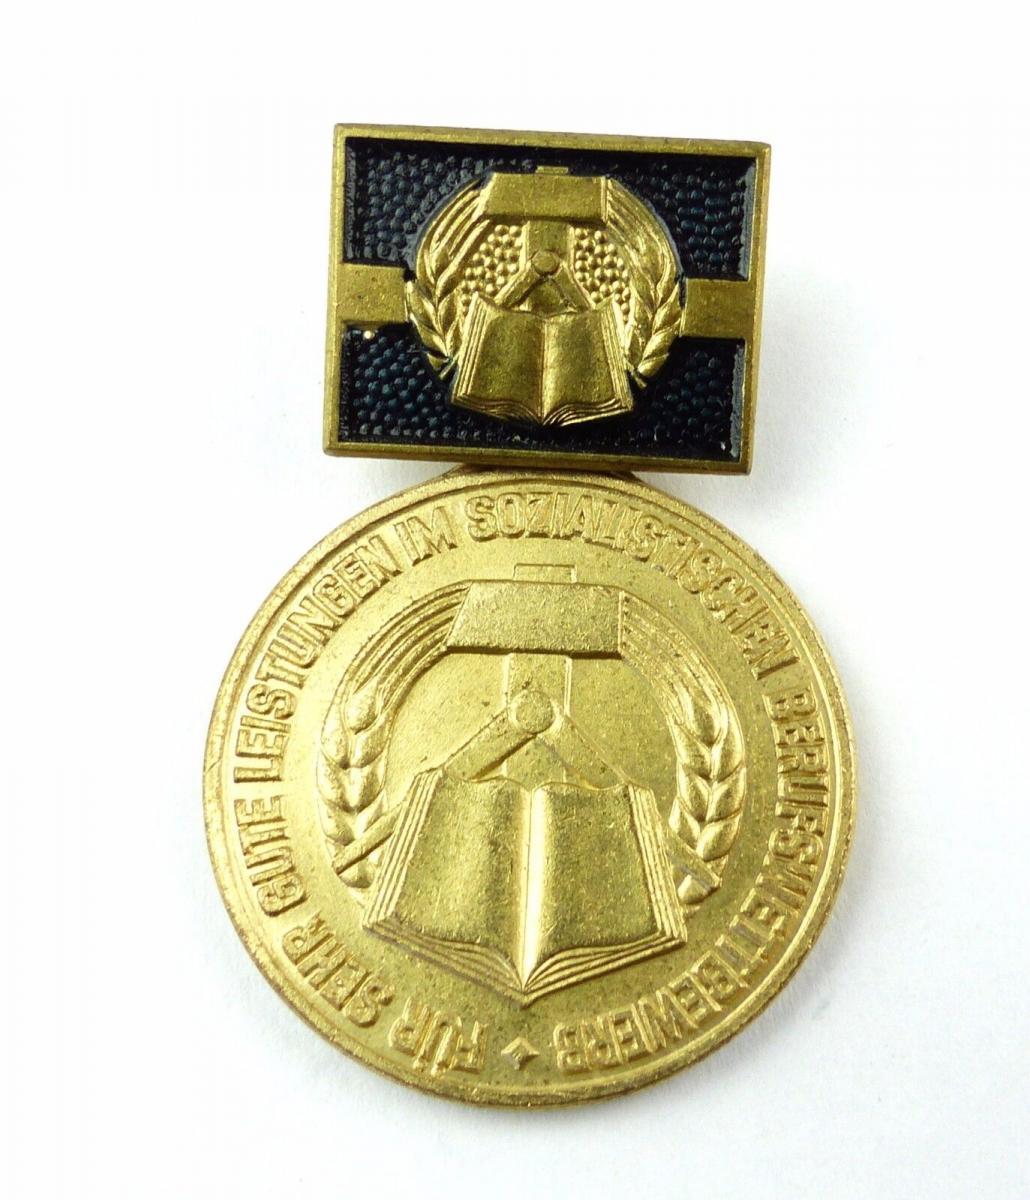 #e7784 Medaille für sehr gute Leistungen im sozialistischen Berufswettbewerb DDR